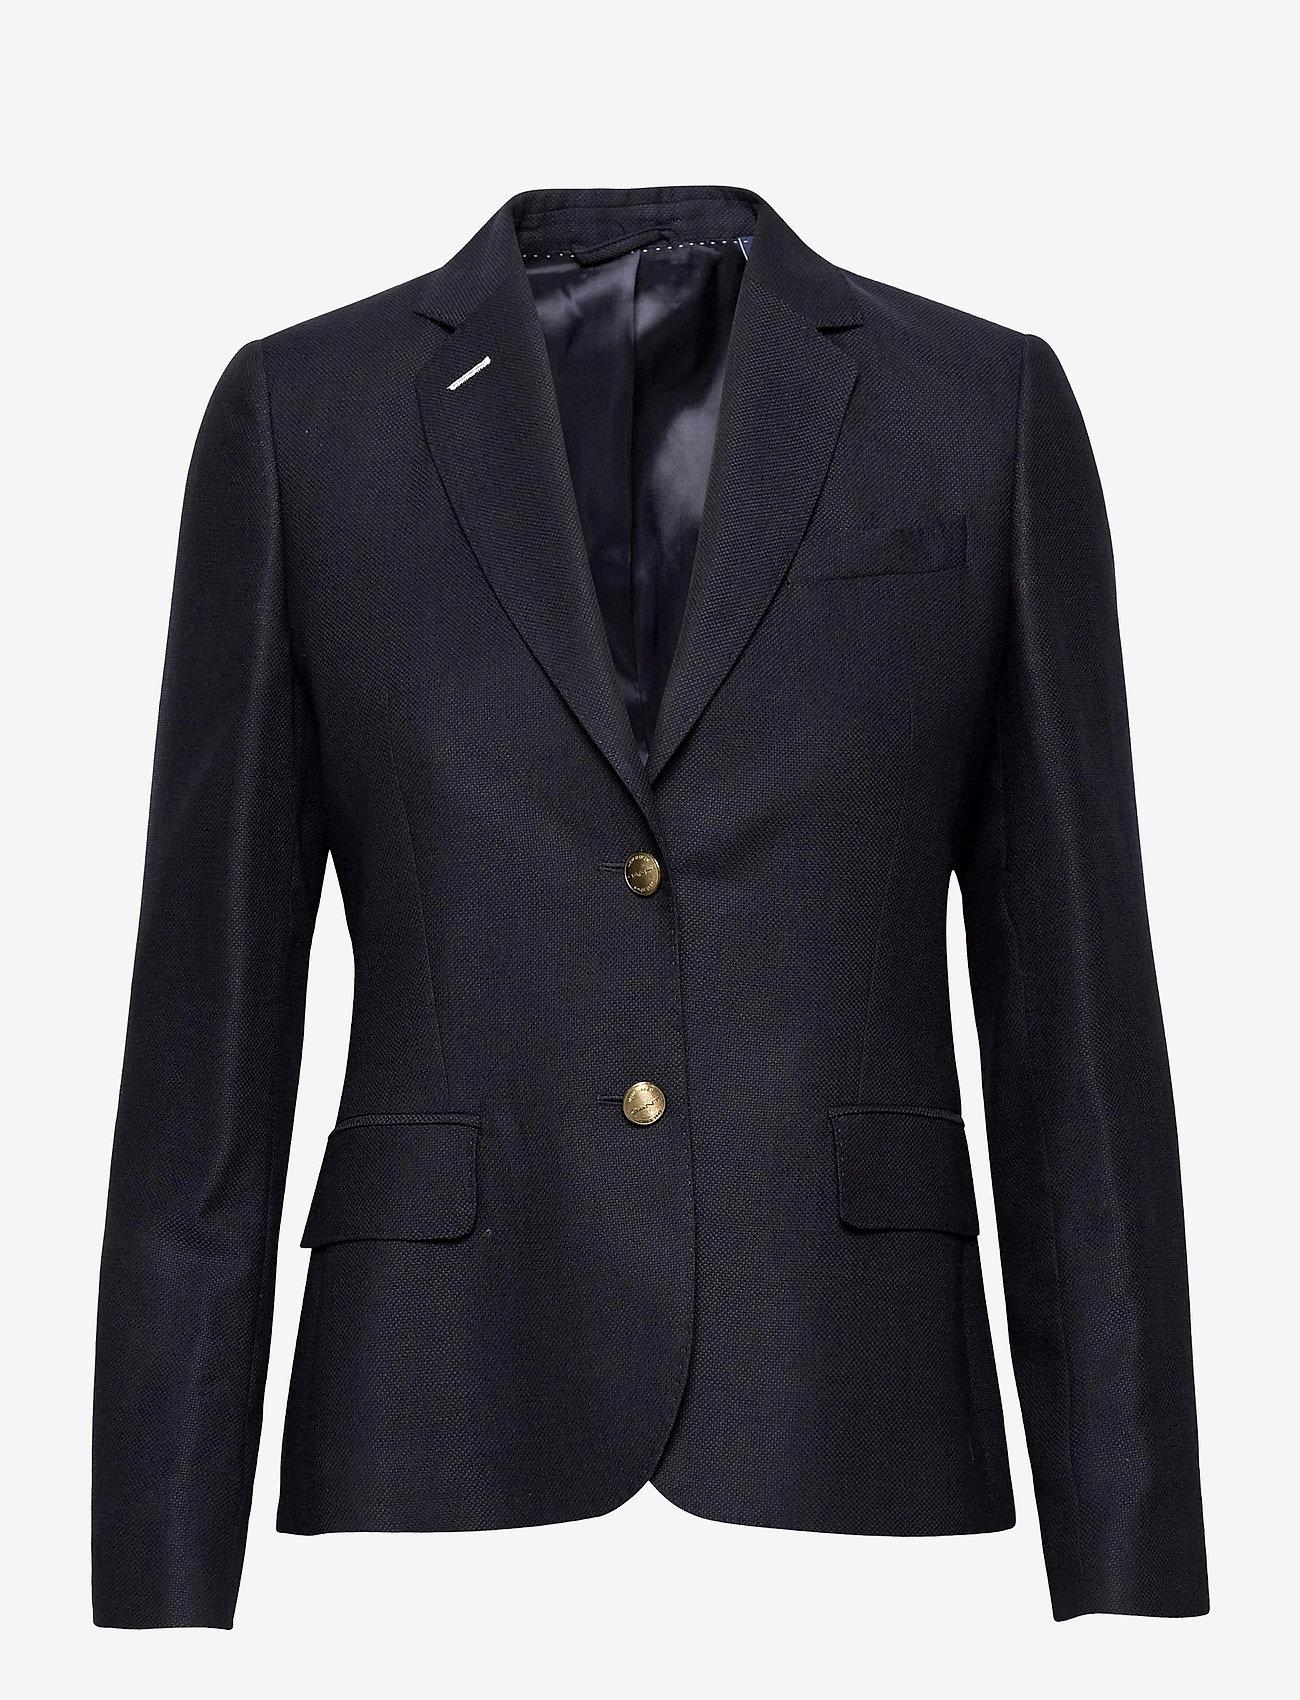 GANT - CLUB BLAZER - getailleerde blazers - evening blue - 0